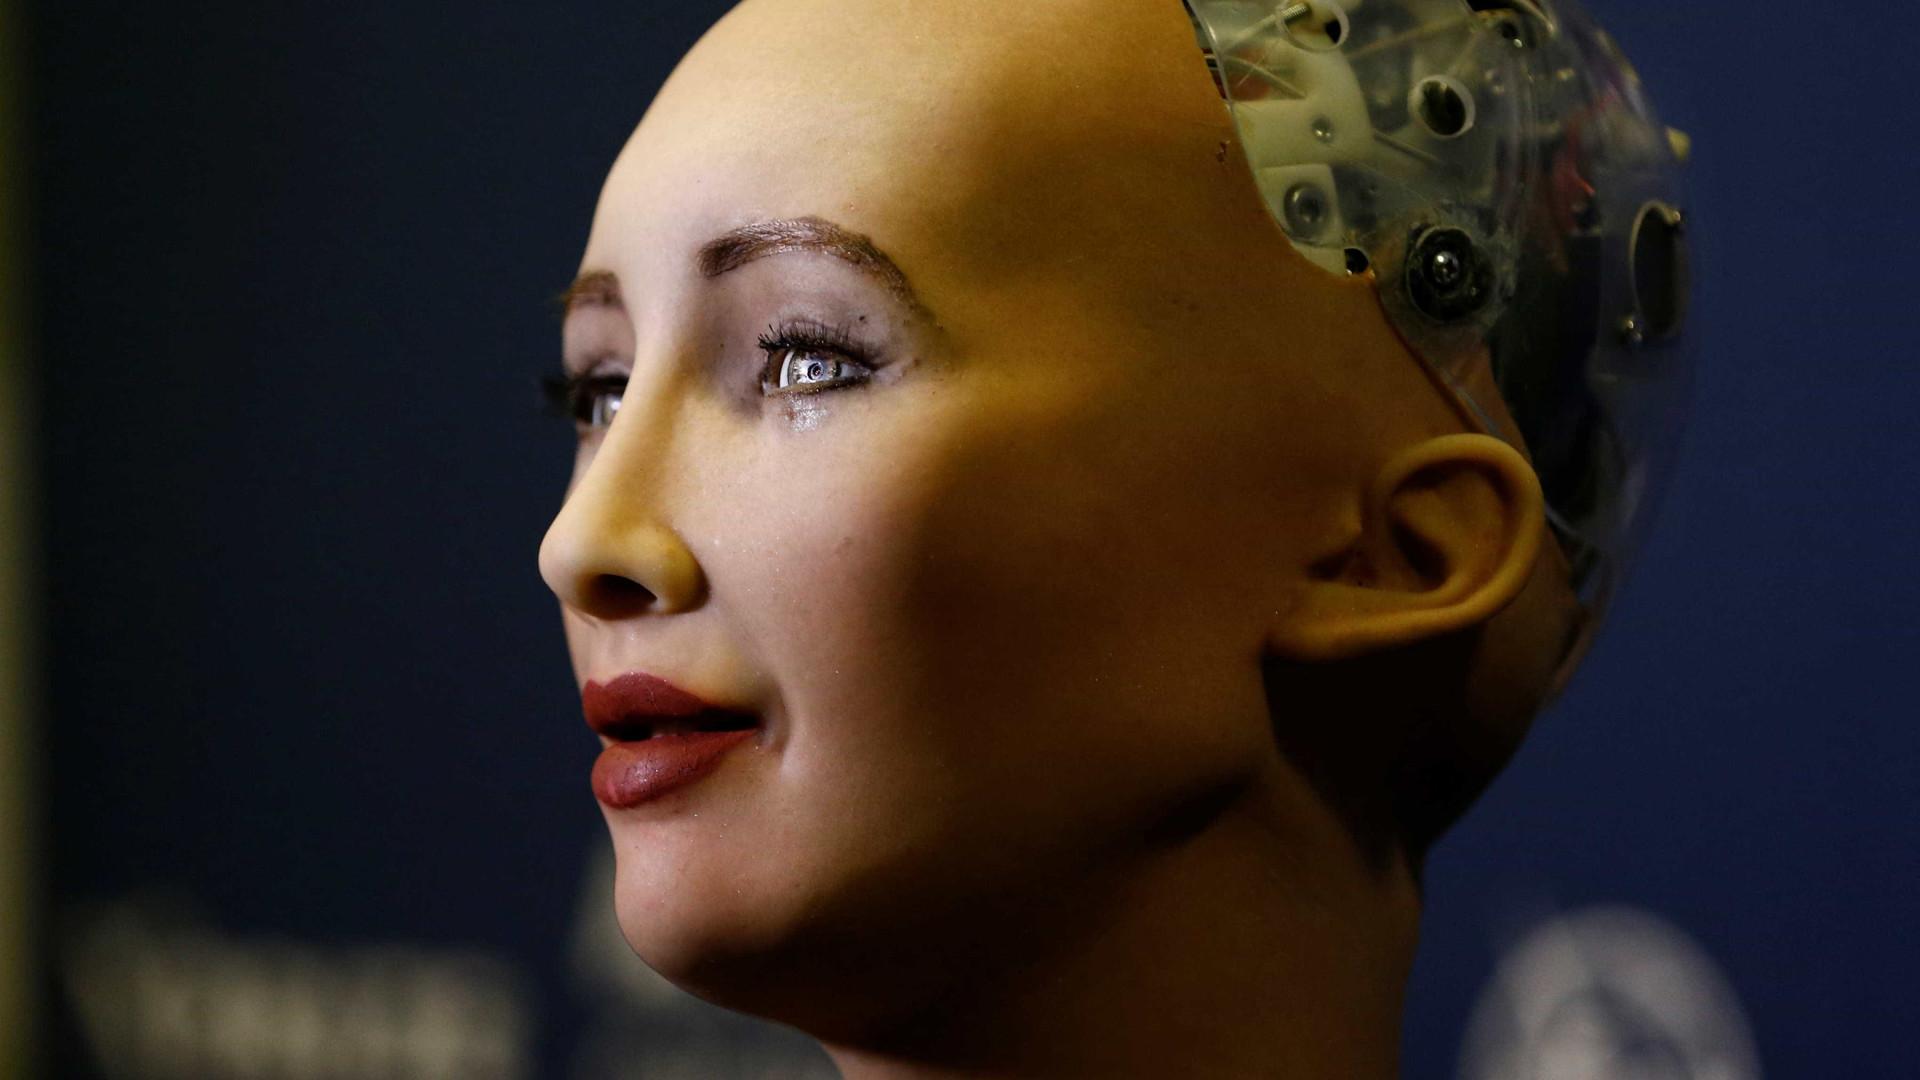 Depois de CR7, a Altice fez mais uma contratação... o robot Sophia